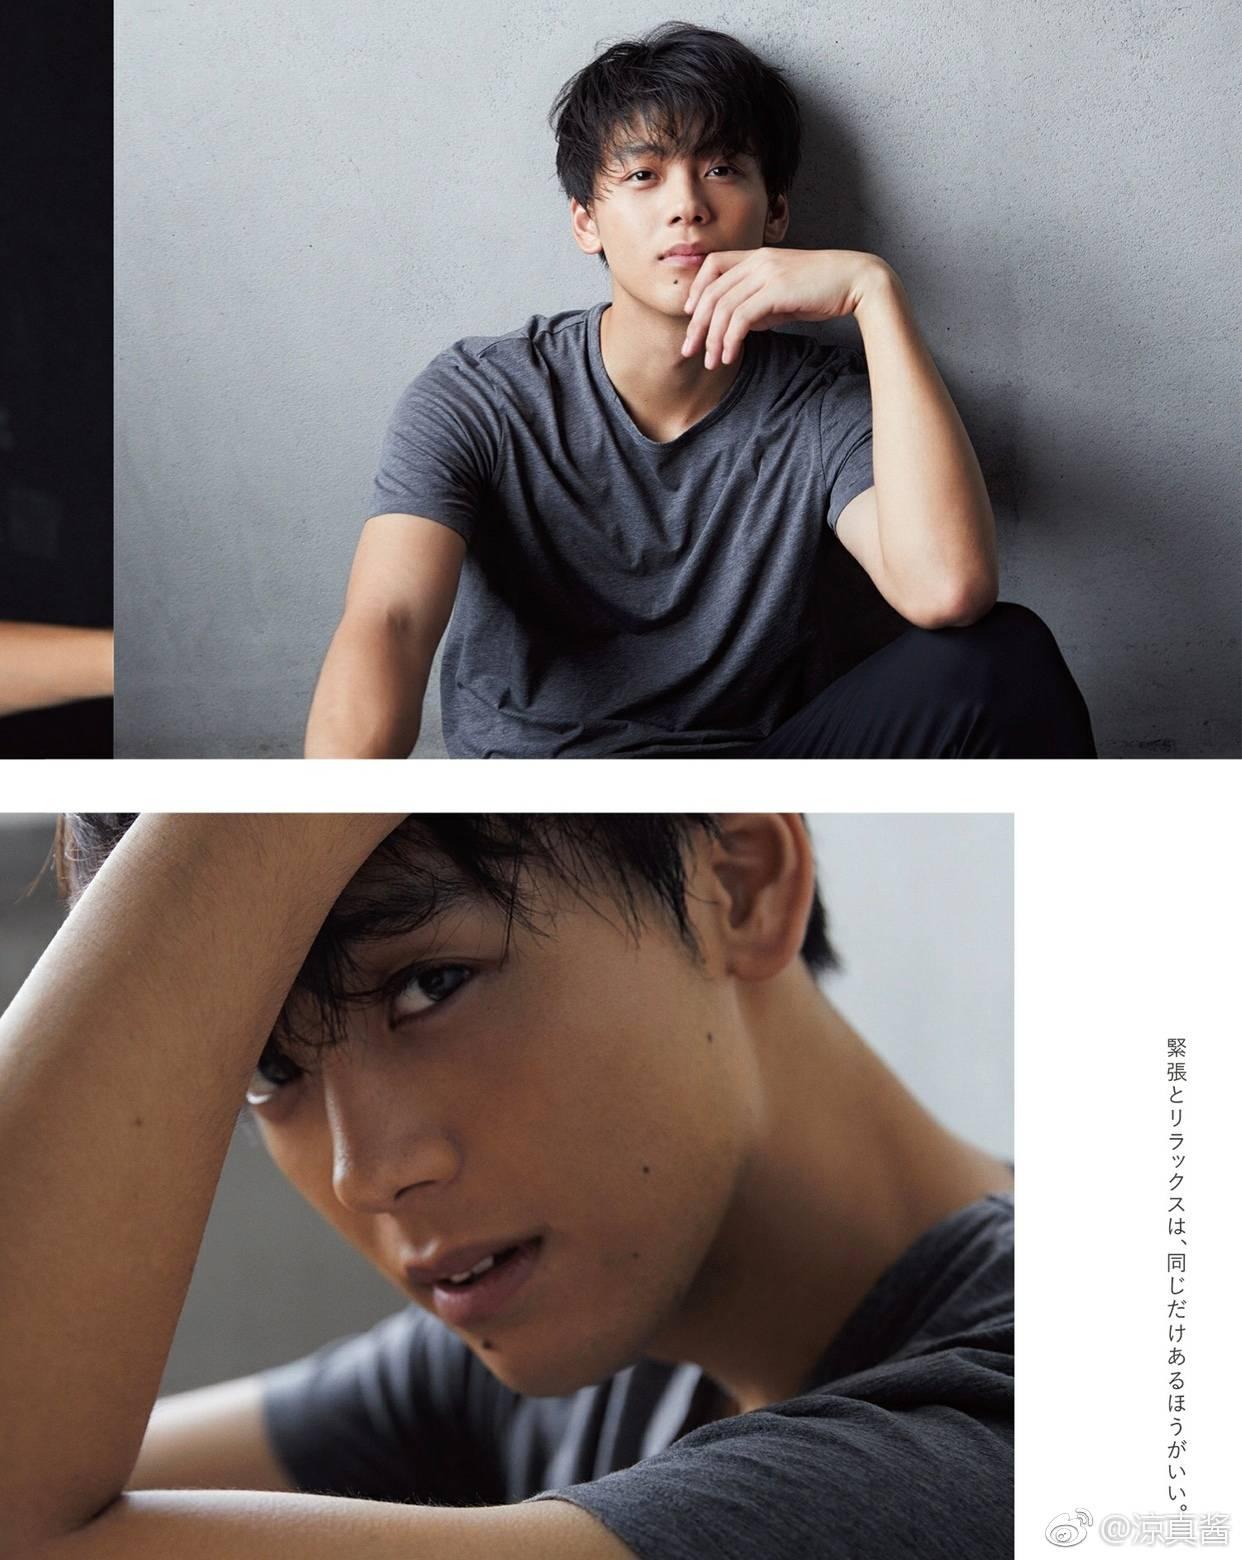 Fan thích thú khi mỹ nam quốc bảo xứ Nhật thừa nhận bị 'bẻ cong' trước nhan sắc của BTS V